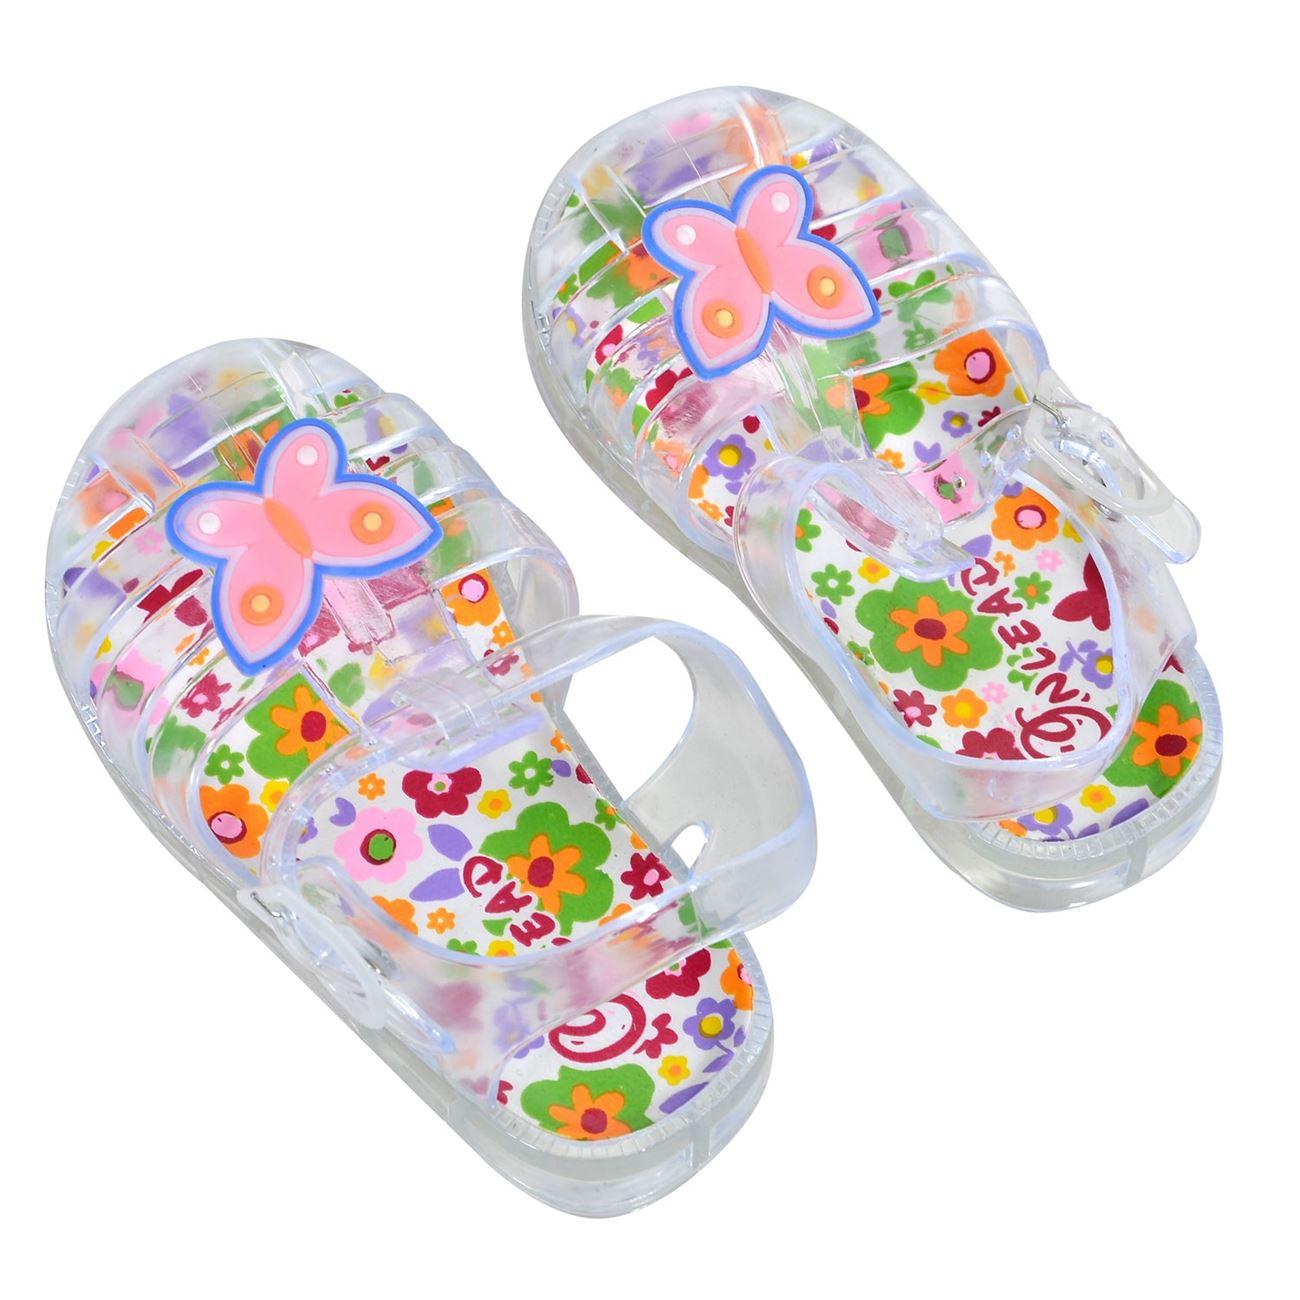 Παπούτσια Θαλάσσης Παιδικά   Παπούτσι Θαλάσσης Preschool για ... 7015fc68e33